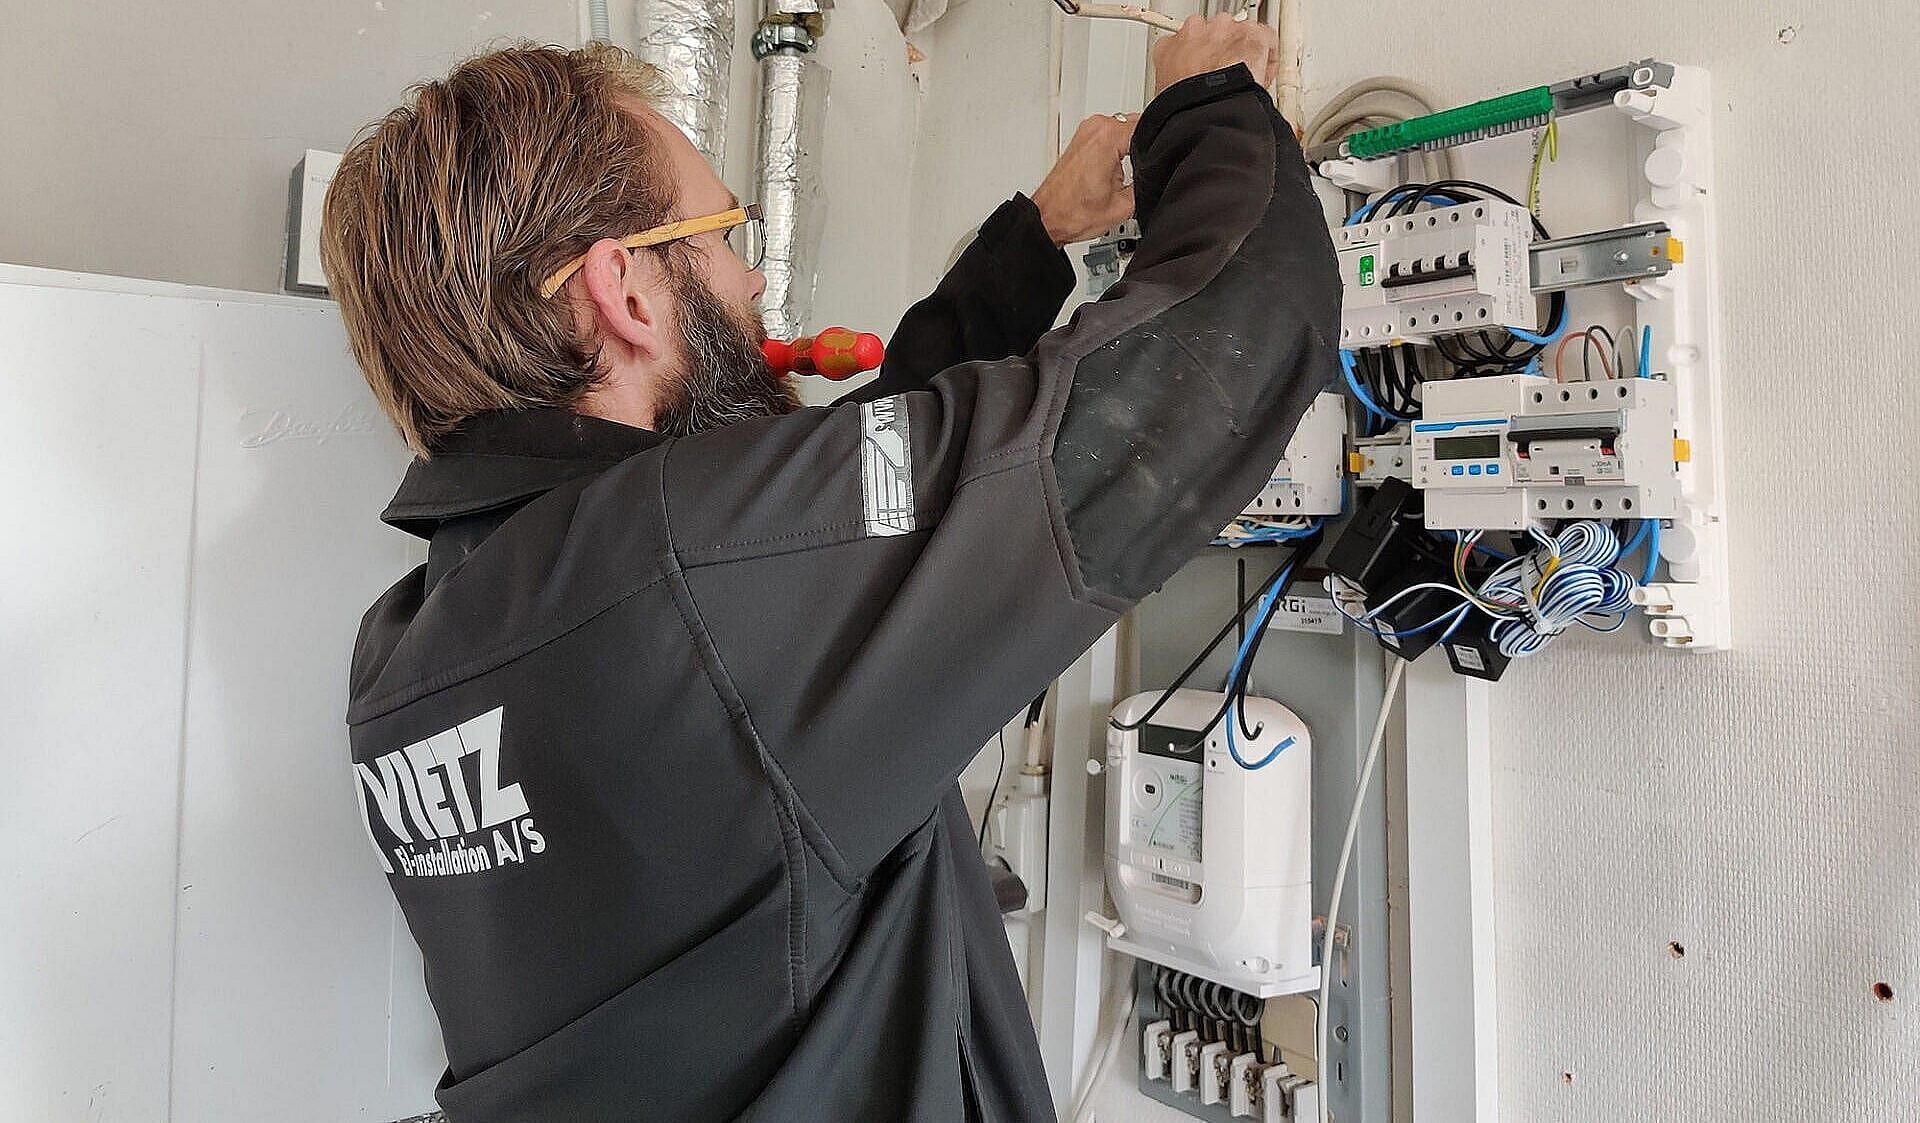 elektriker arbejder i Aarhus